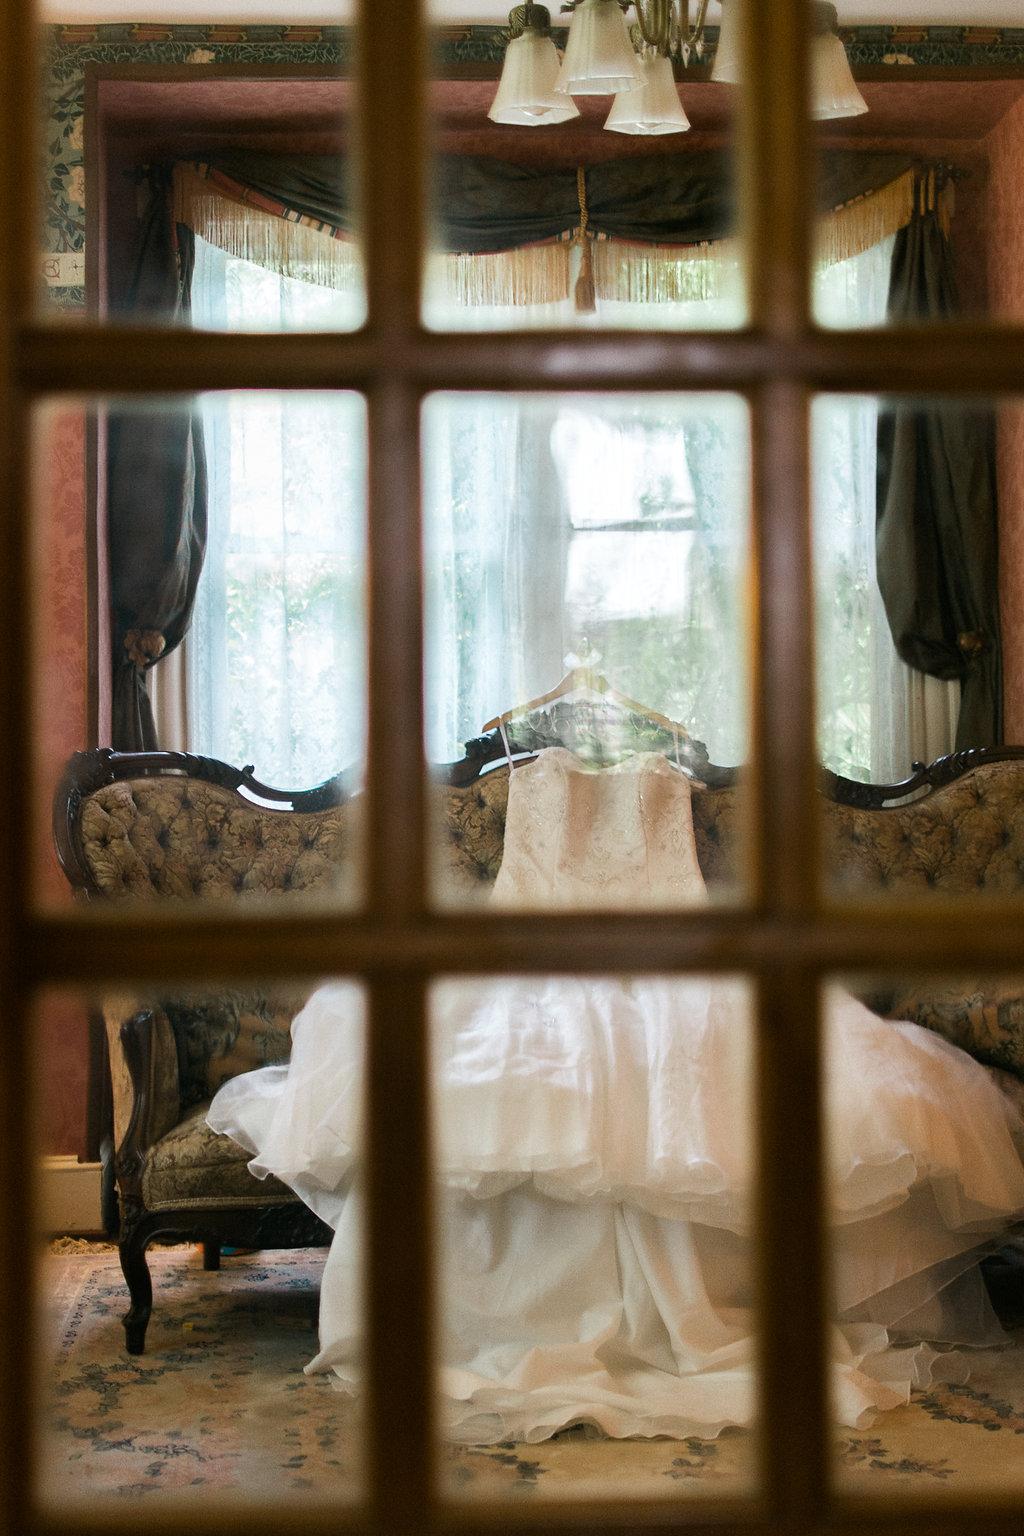 glasgow farm bride wedding dress pre-ceremony photo